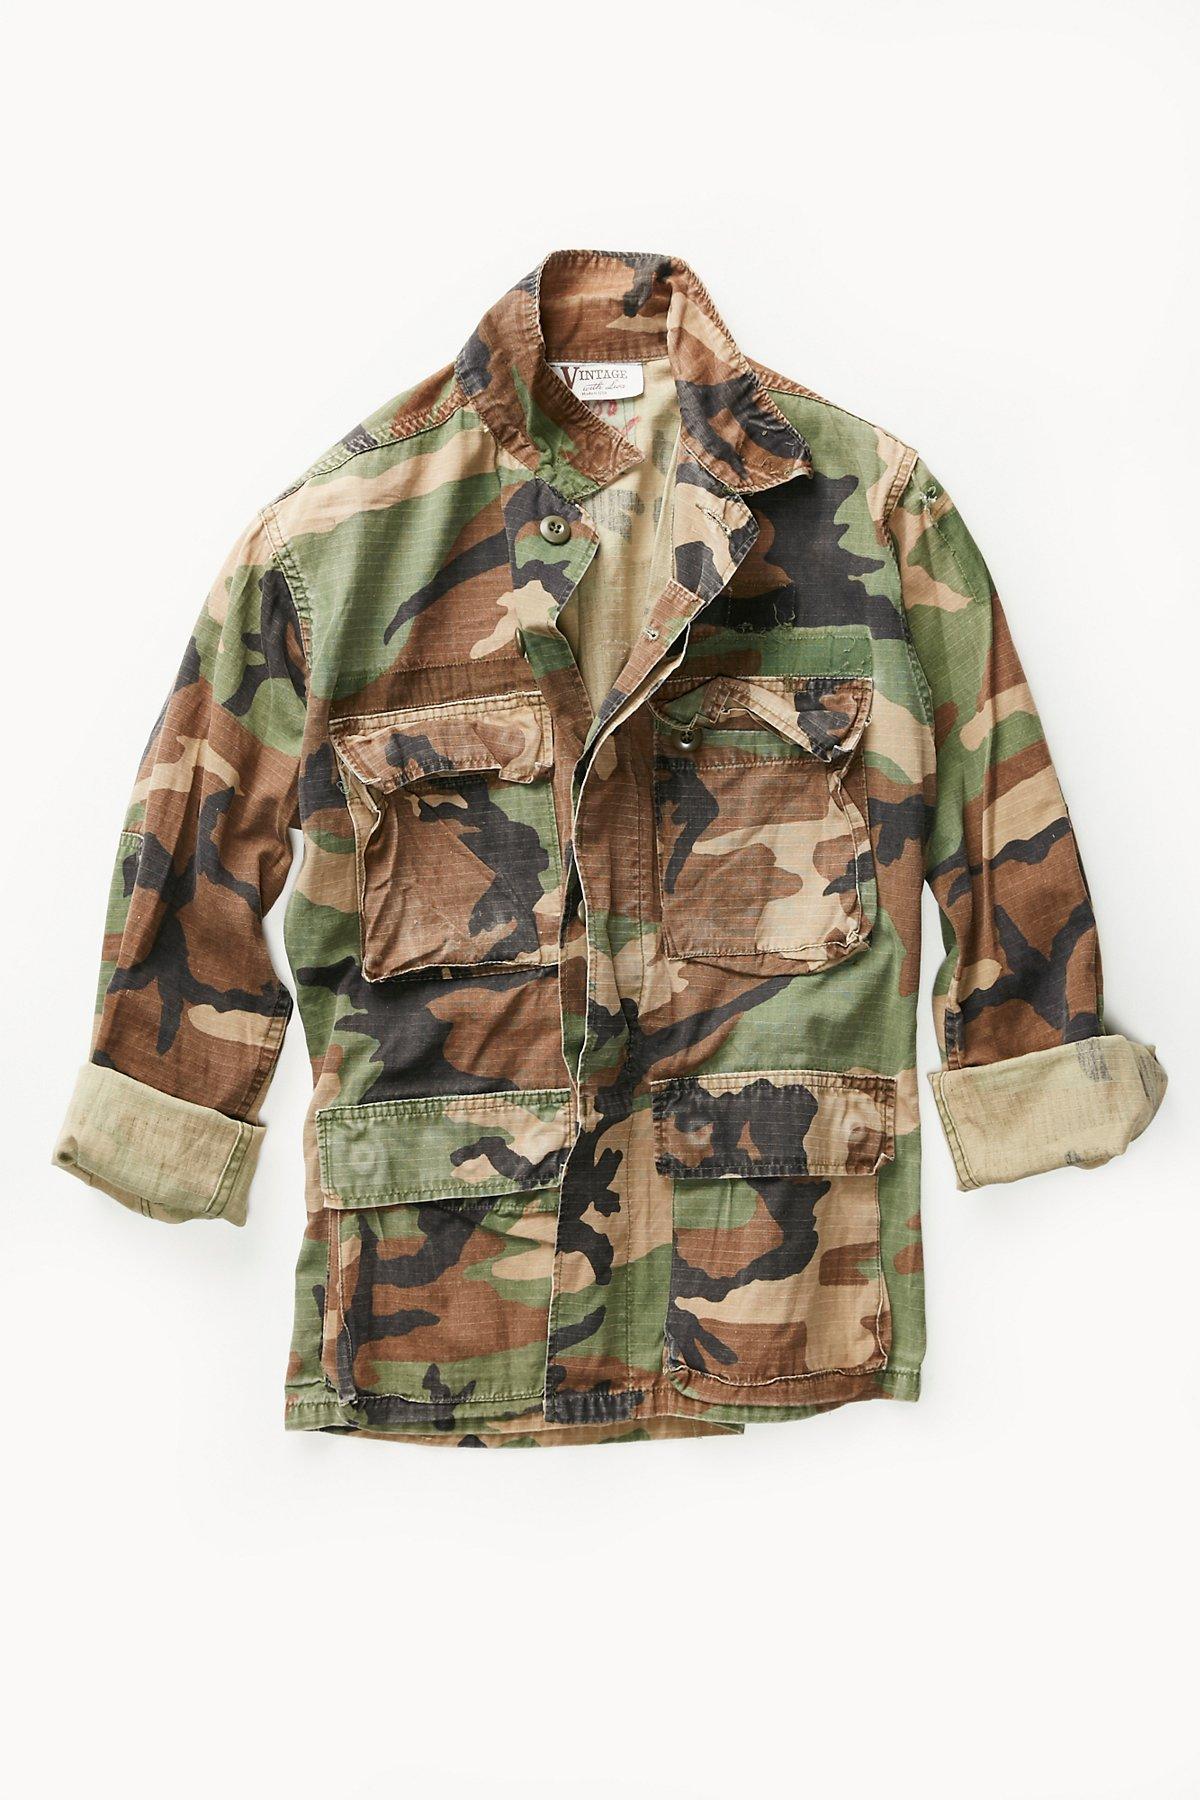 Vintage 1980s Military Jacket